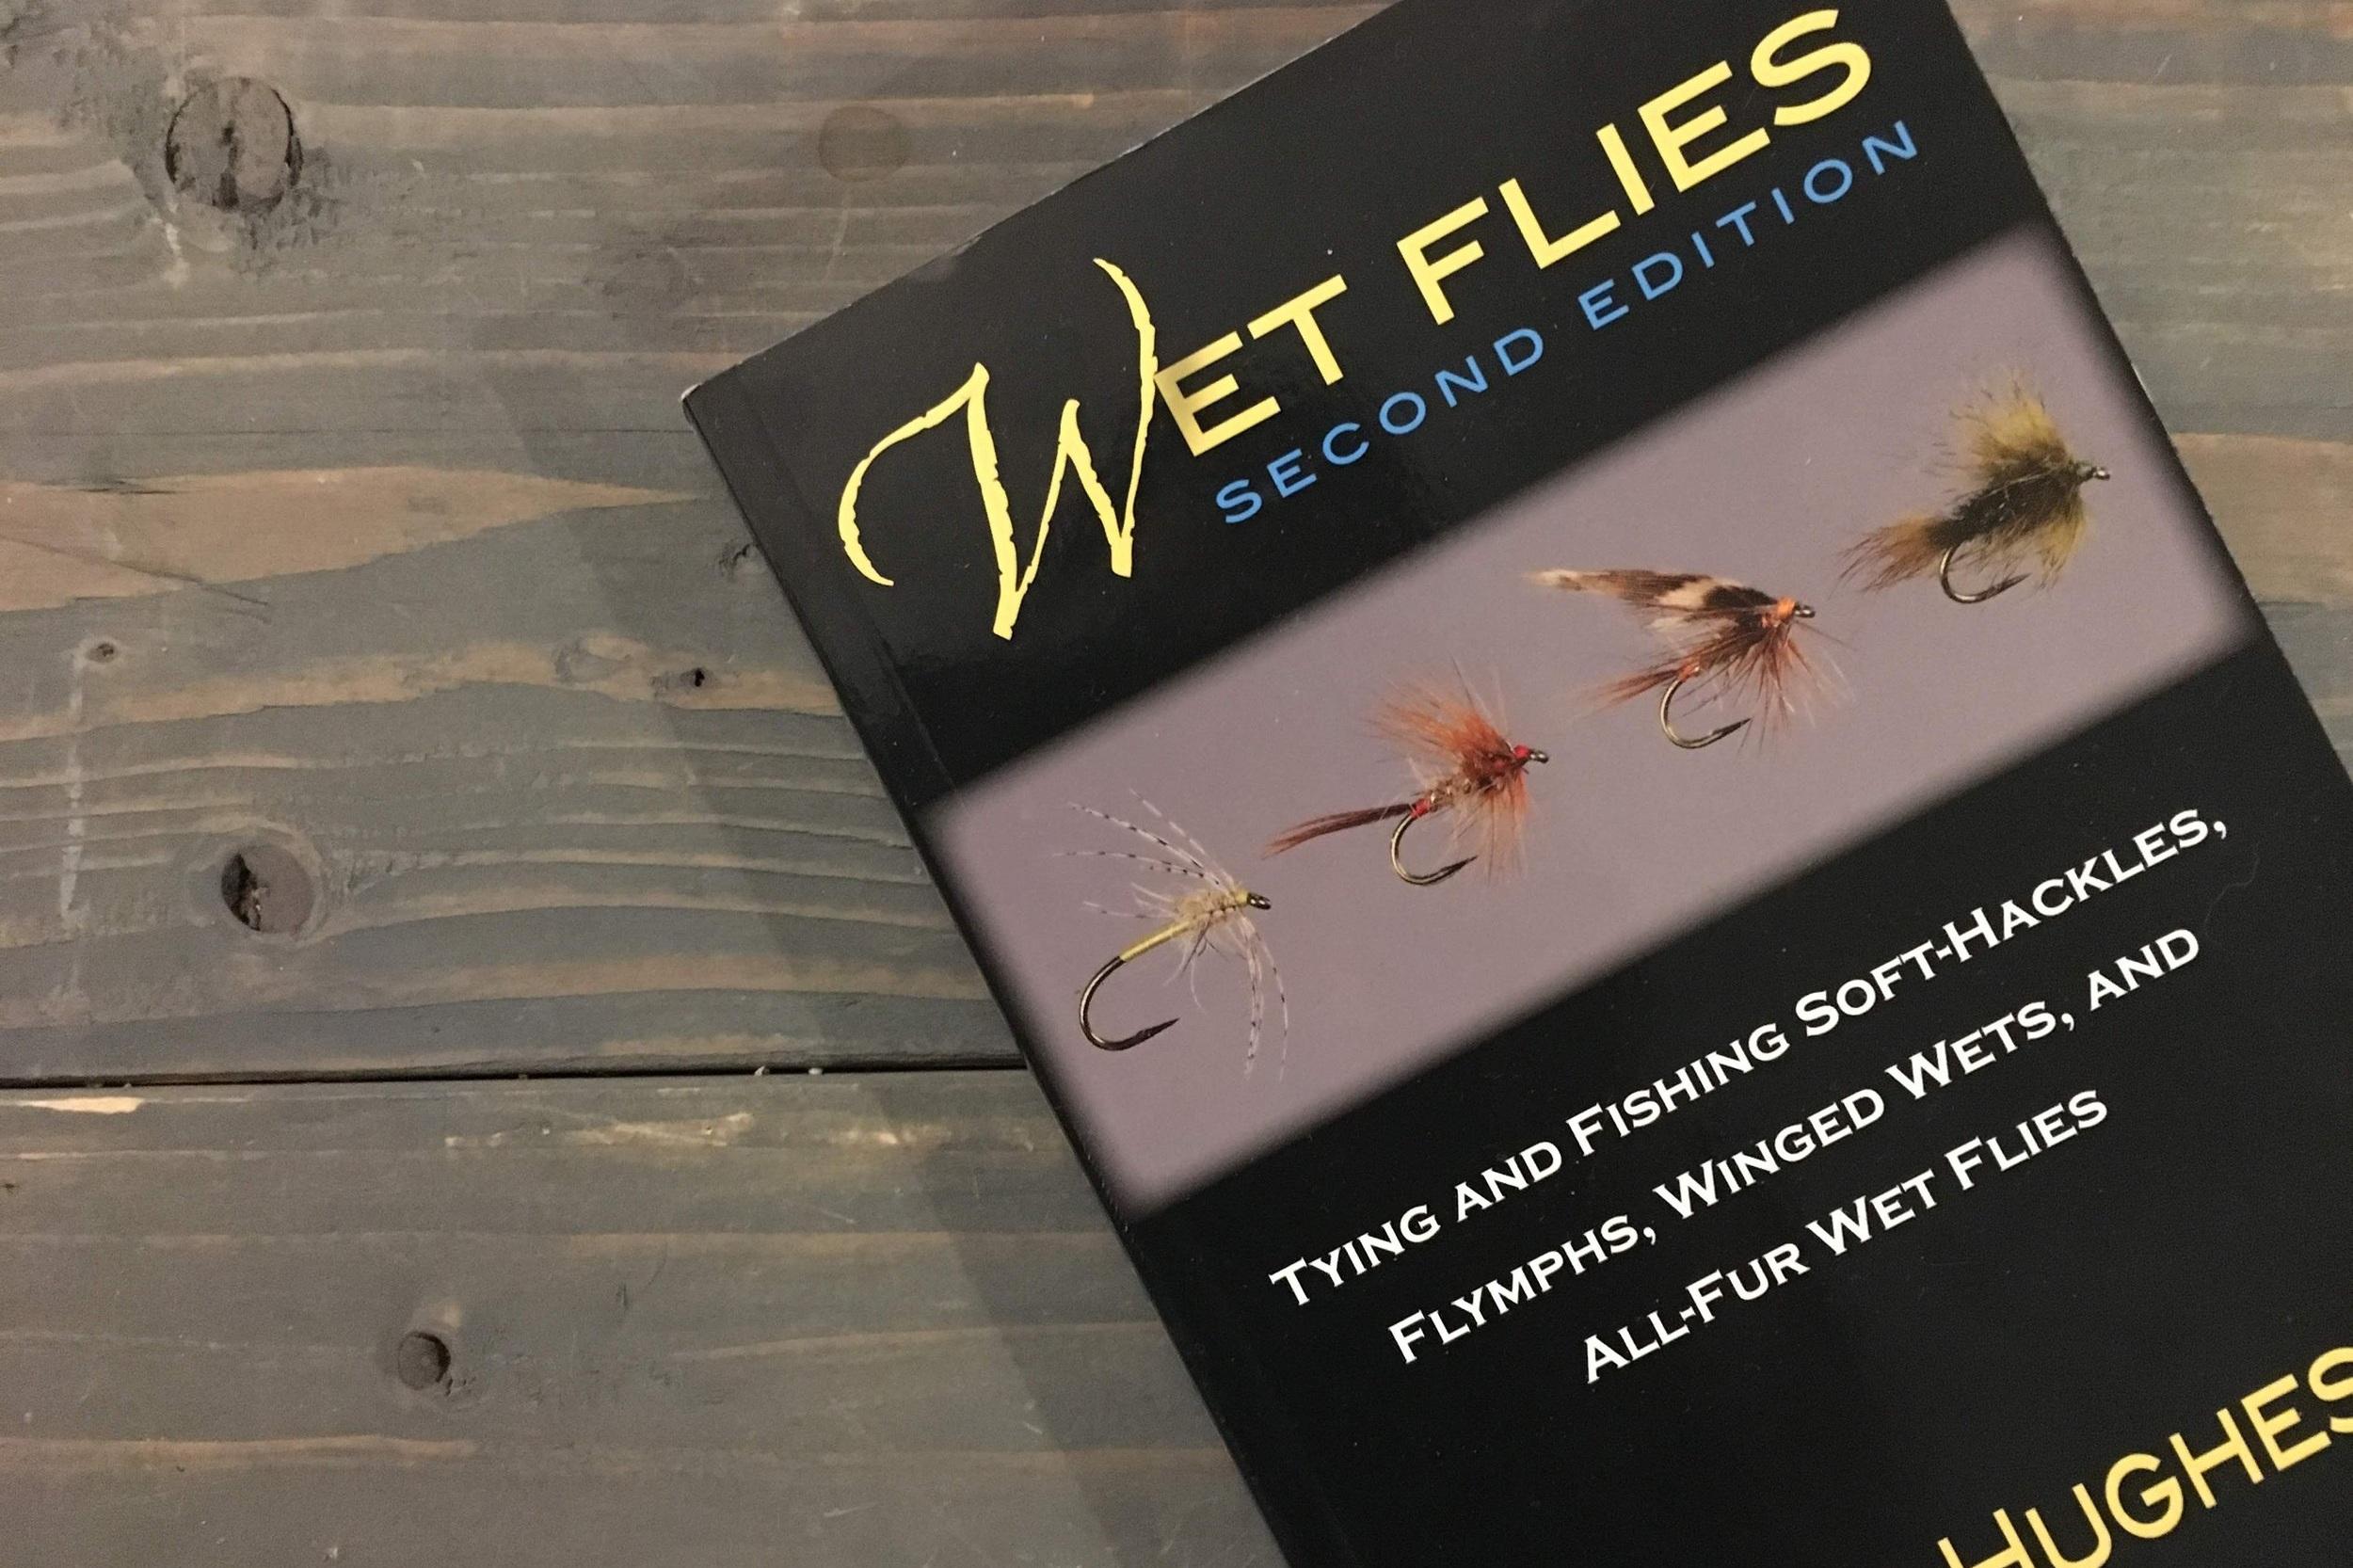 WetFliesDaveHughes